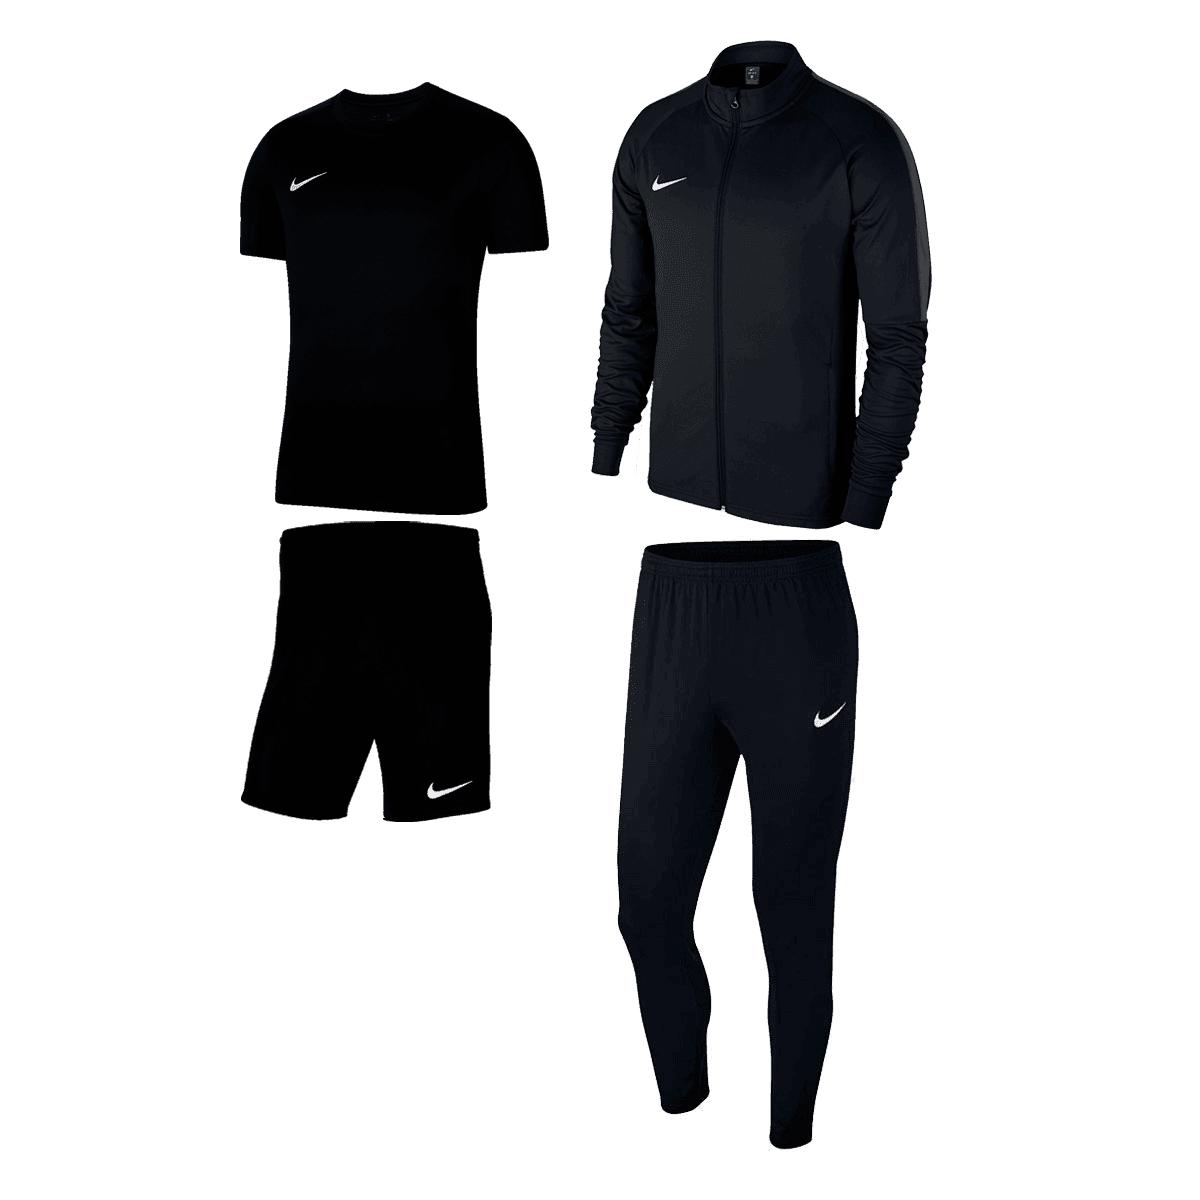 Nike Trainingsset Academy 18 (4-teilig) - verschiedene Farben - Größen S-XXL